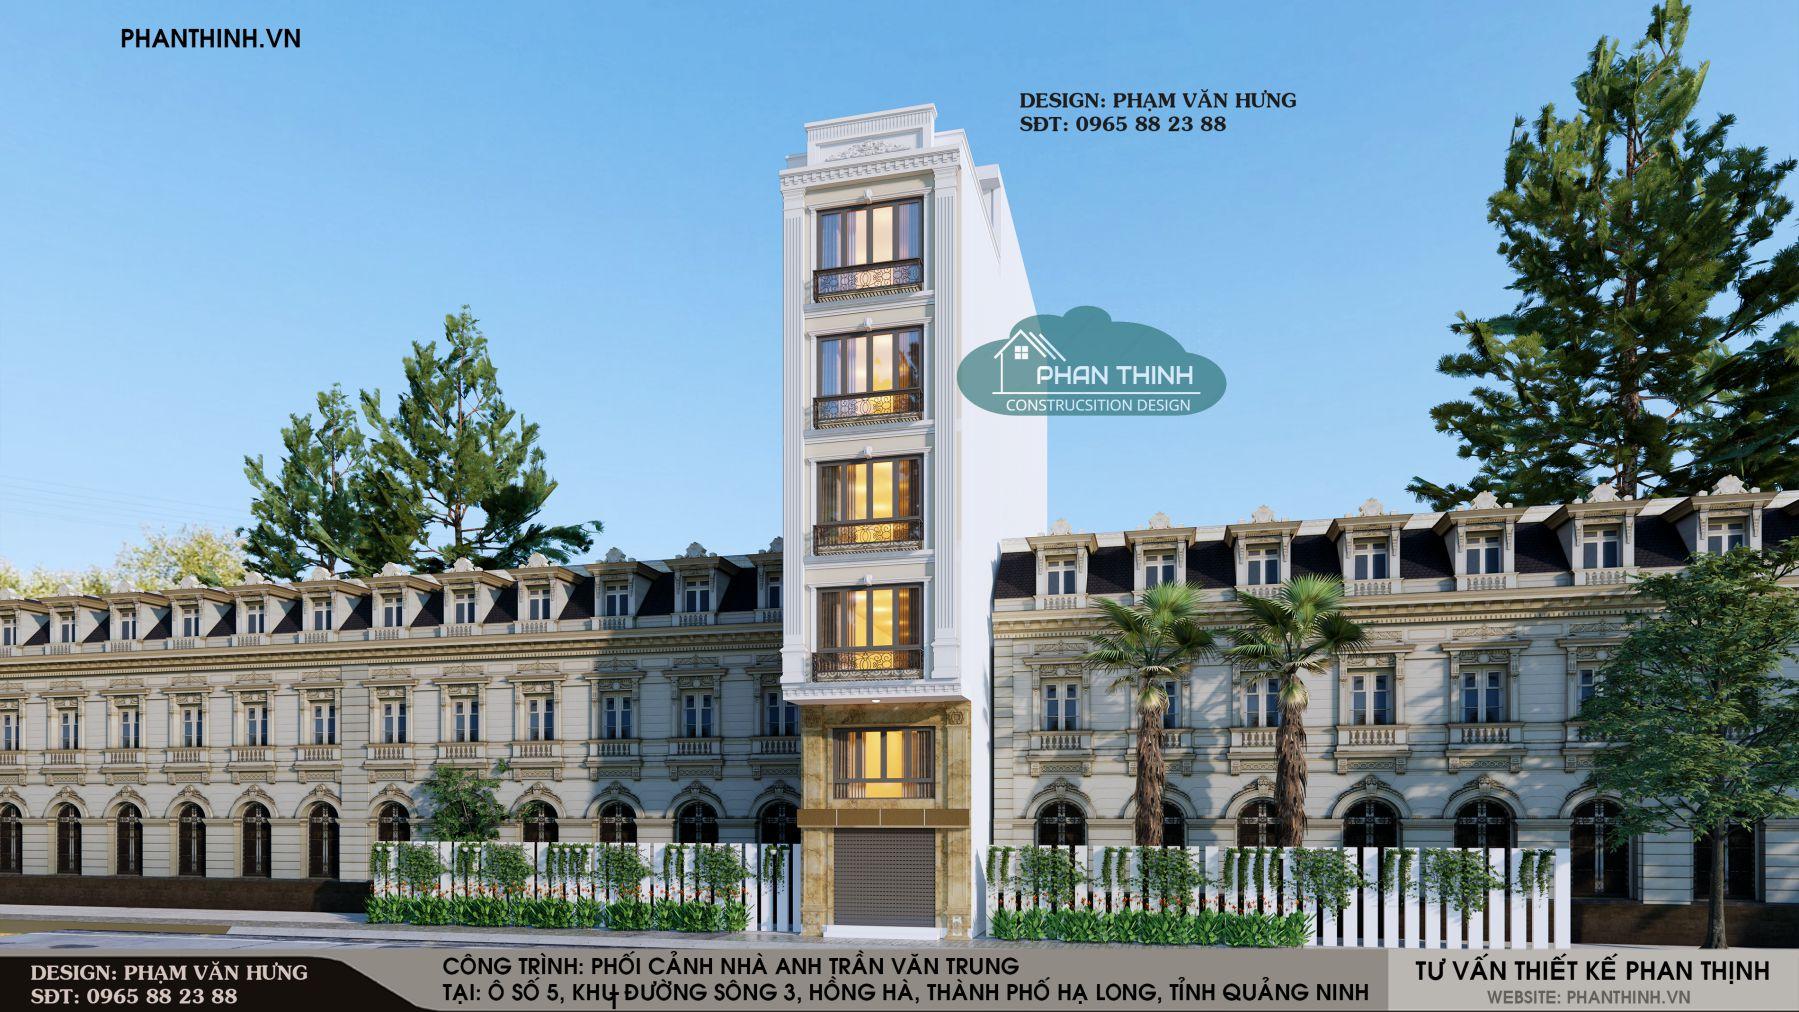 Thiết kế phối cảnh mặt tiền nhà 5 tầng tân cổ điển tại phường Hồng Hà, Hạ Long